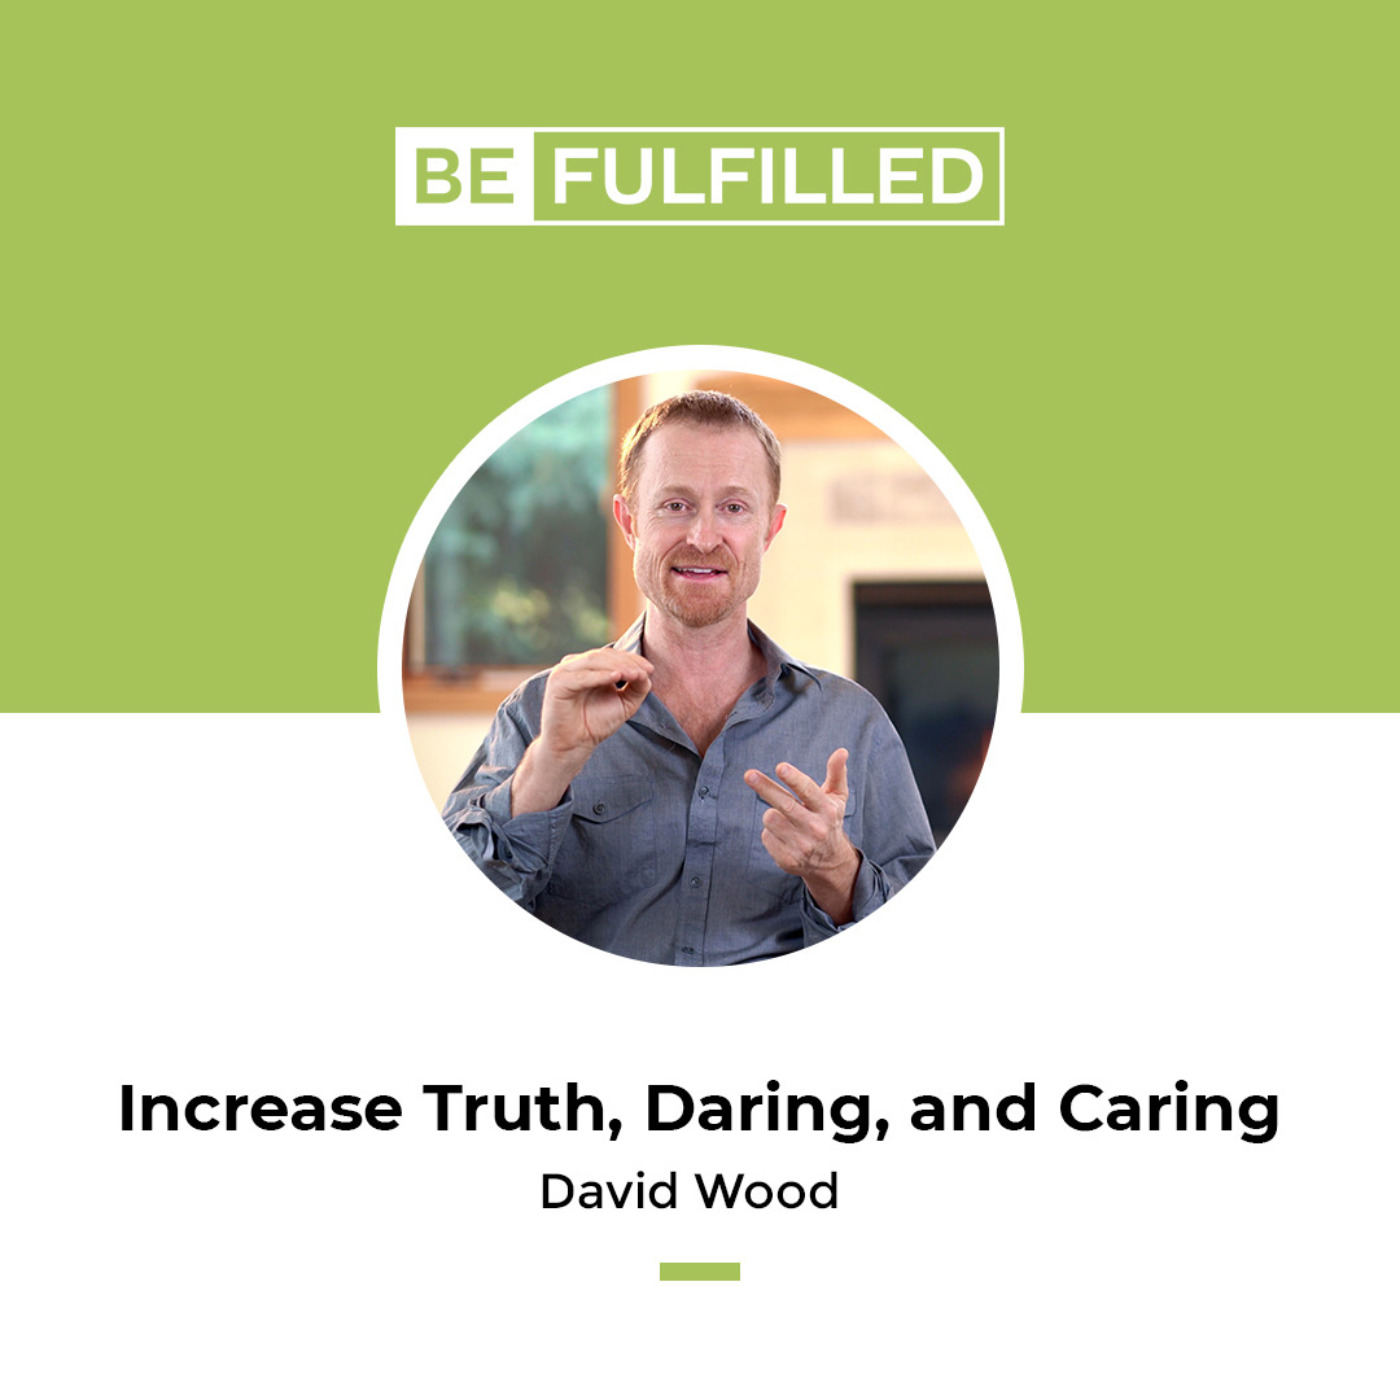 Increase Truth, Daring, and Caring - David Wood